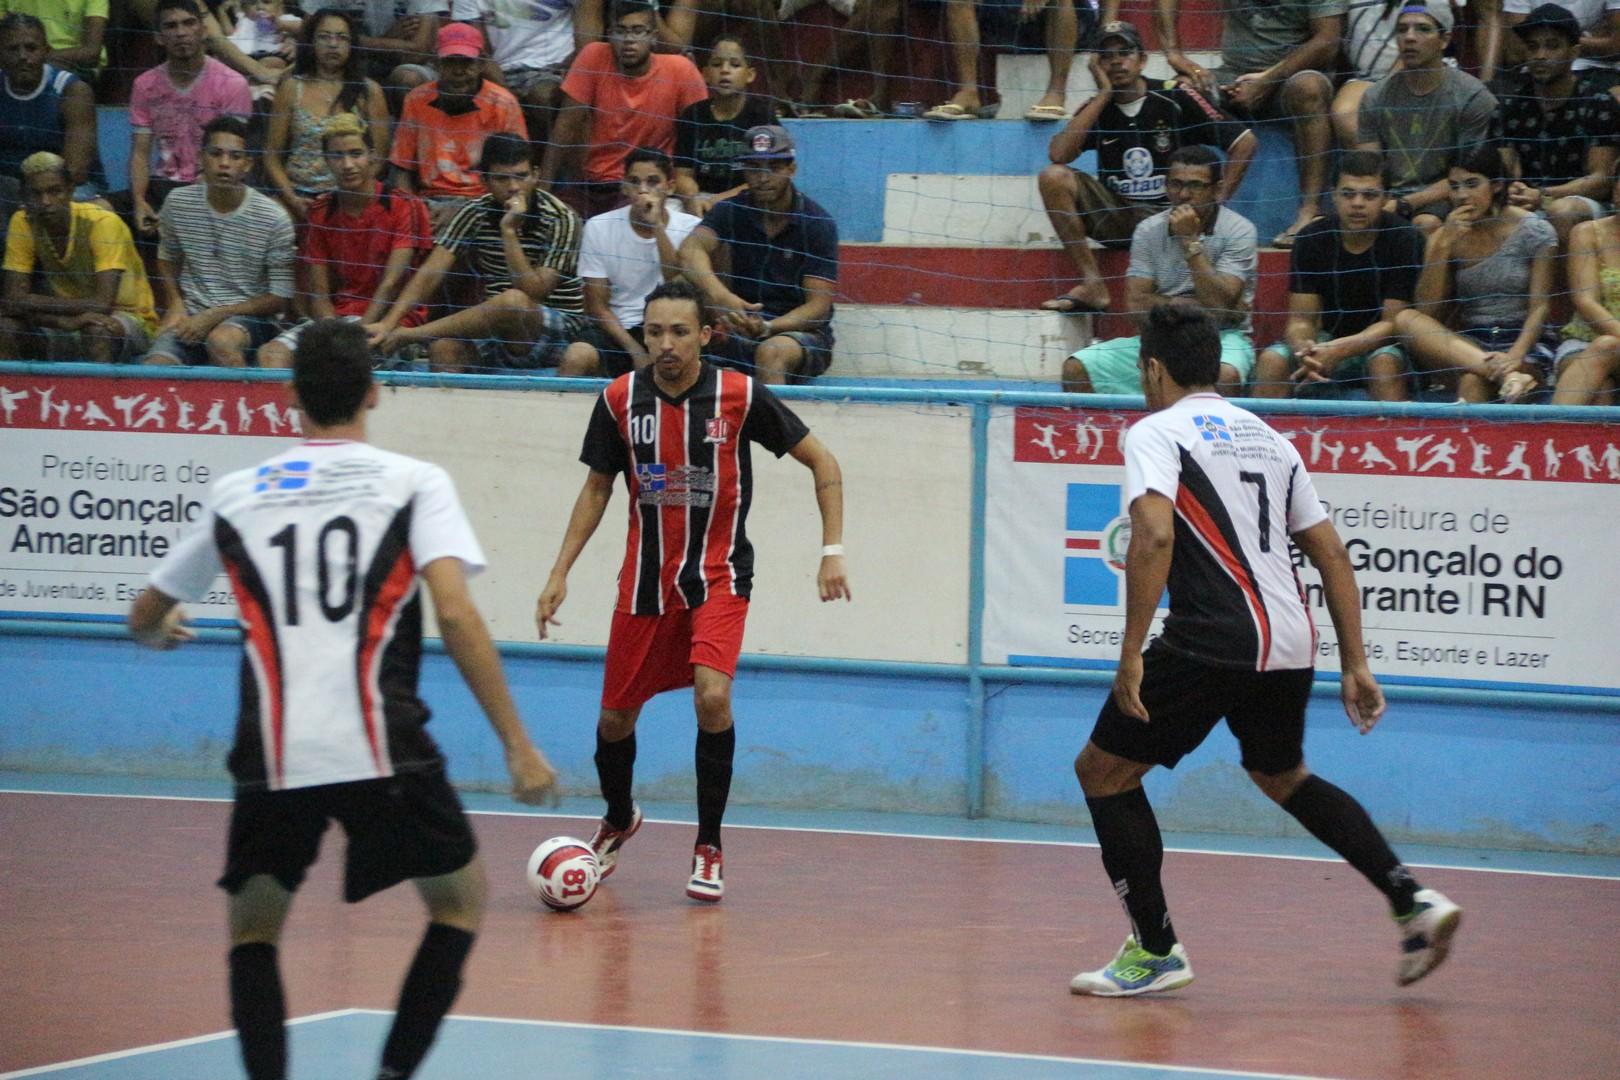 660e9261a903e Maior campeonato de futsal do estado começa em Junho na cidade do esporte